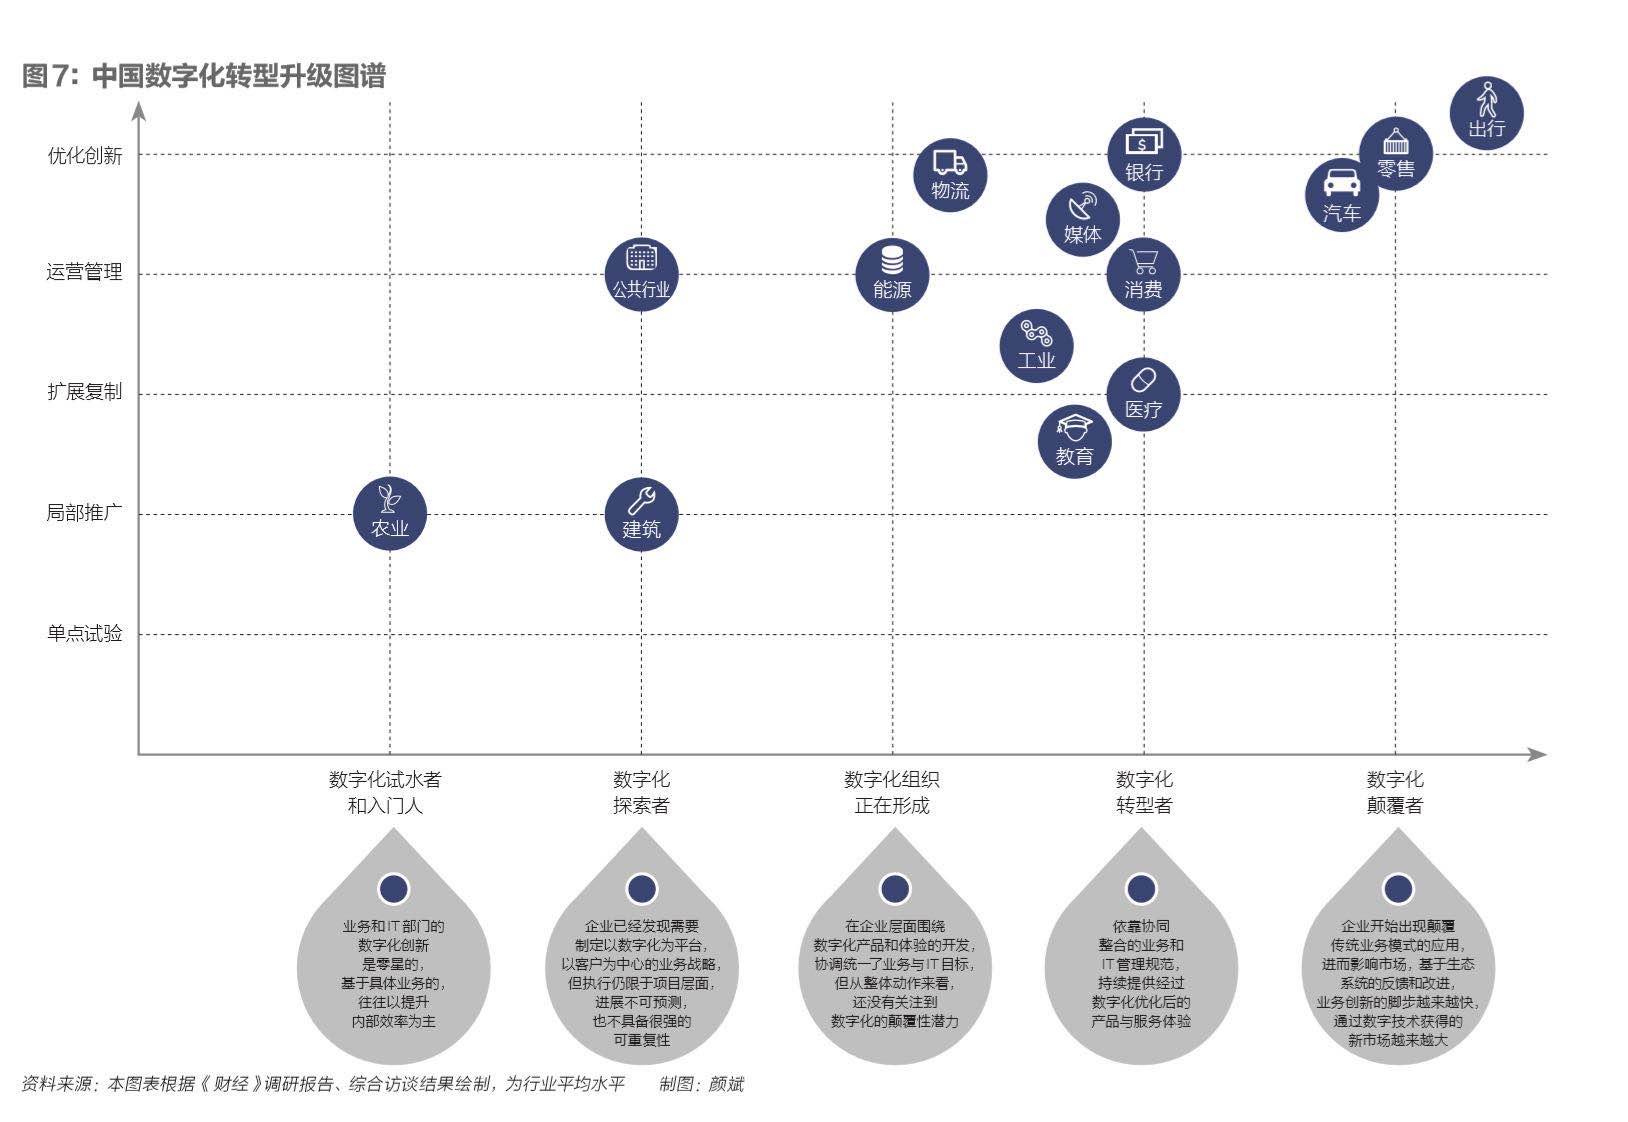 疫情之下,17万亿之上:中国数字经济如何裂变插图(3)